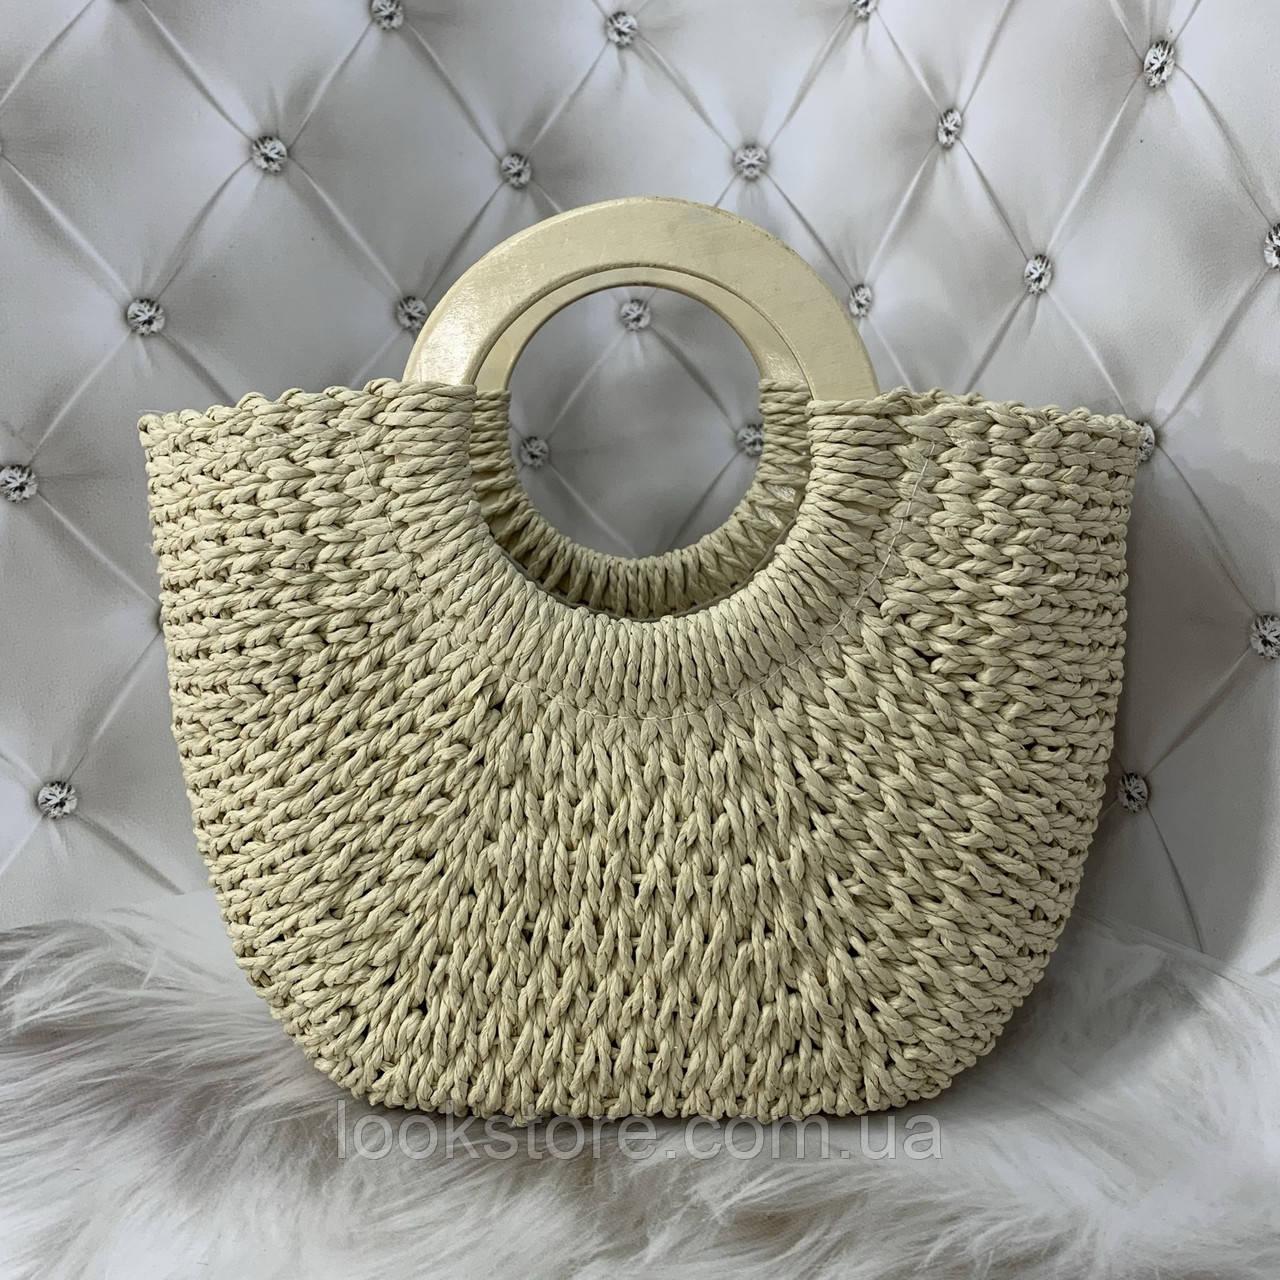 Женская летняя плетеная сумка Полумесяц с деревянными ручками молочная